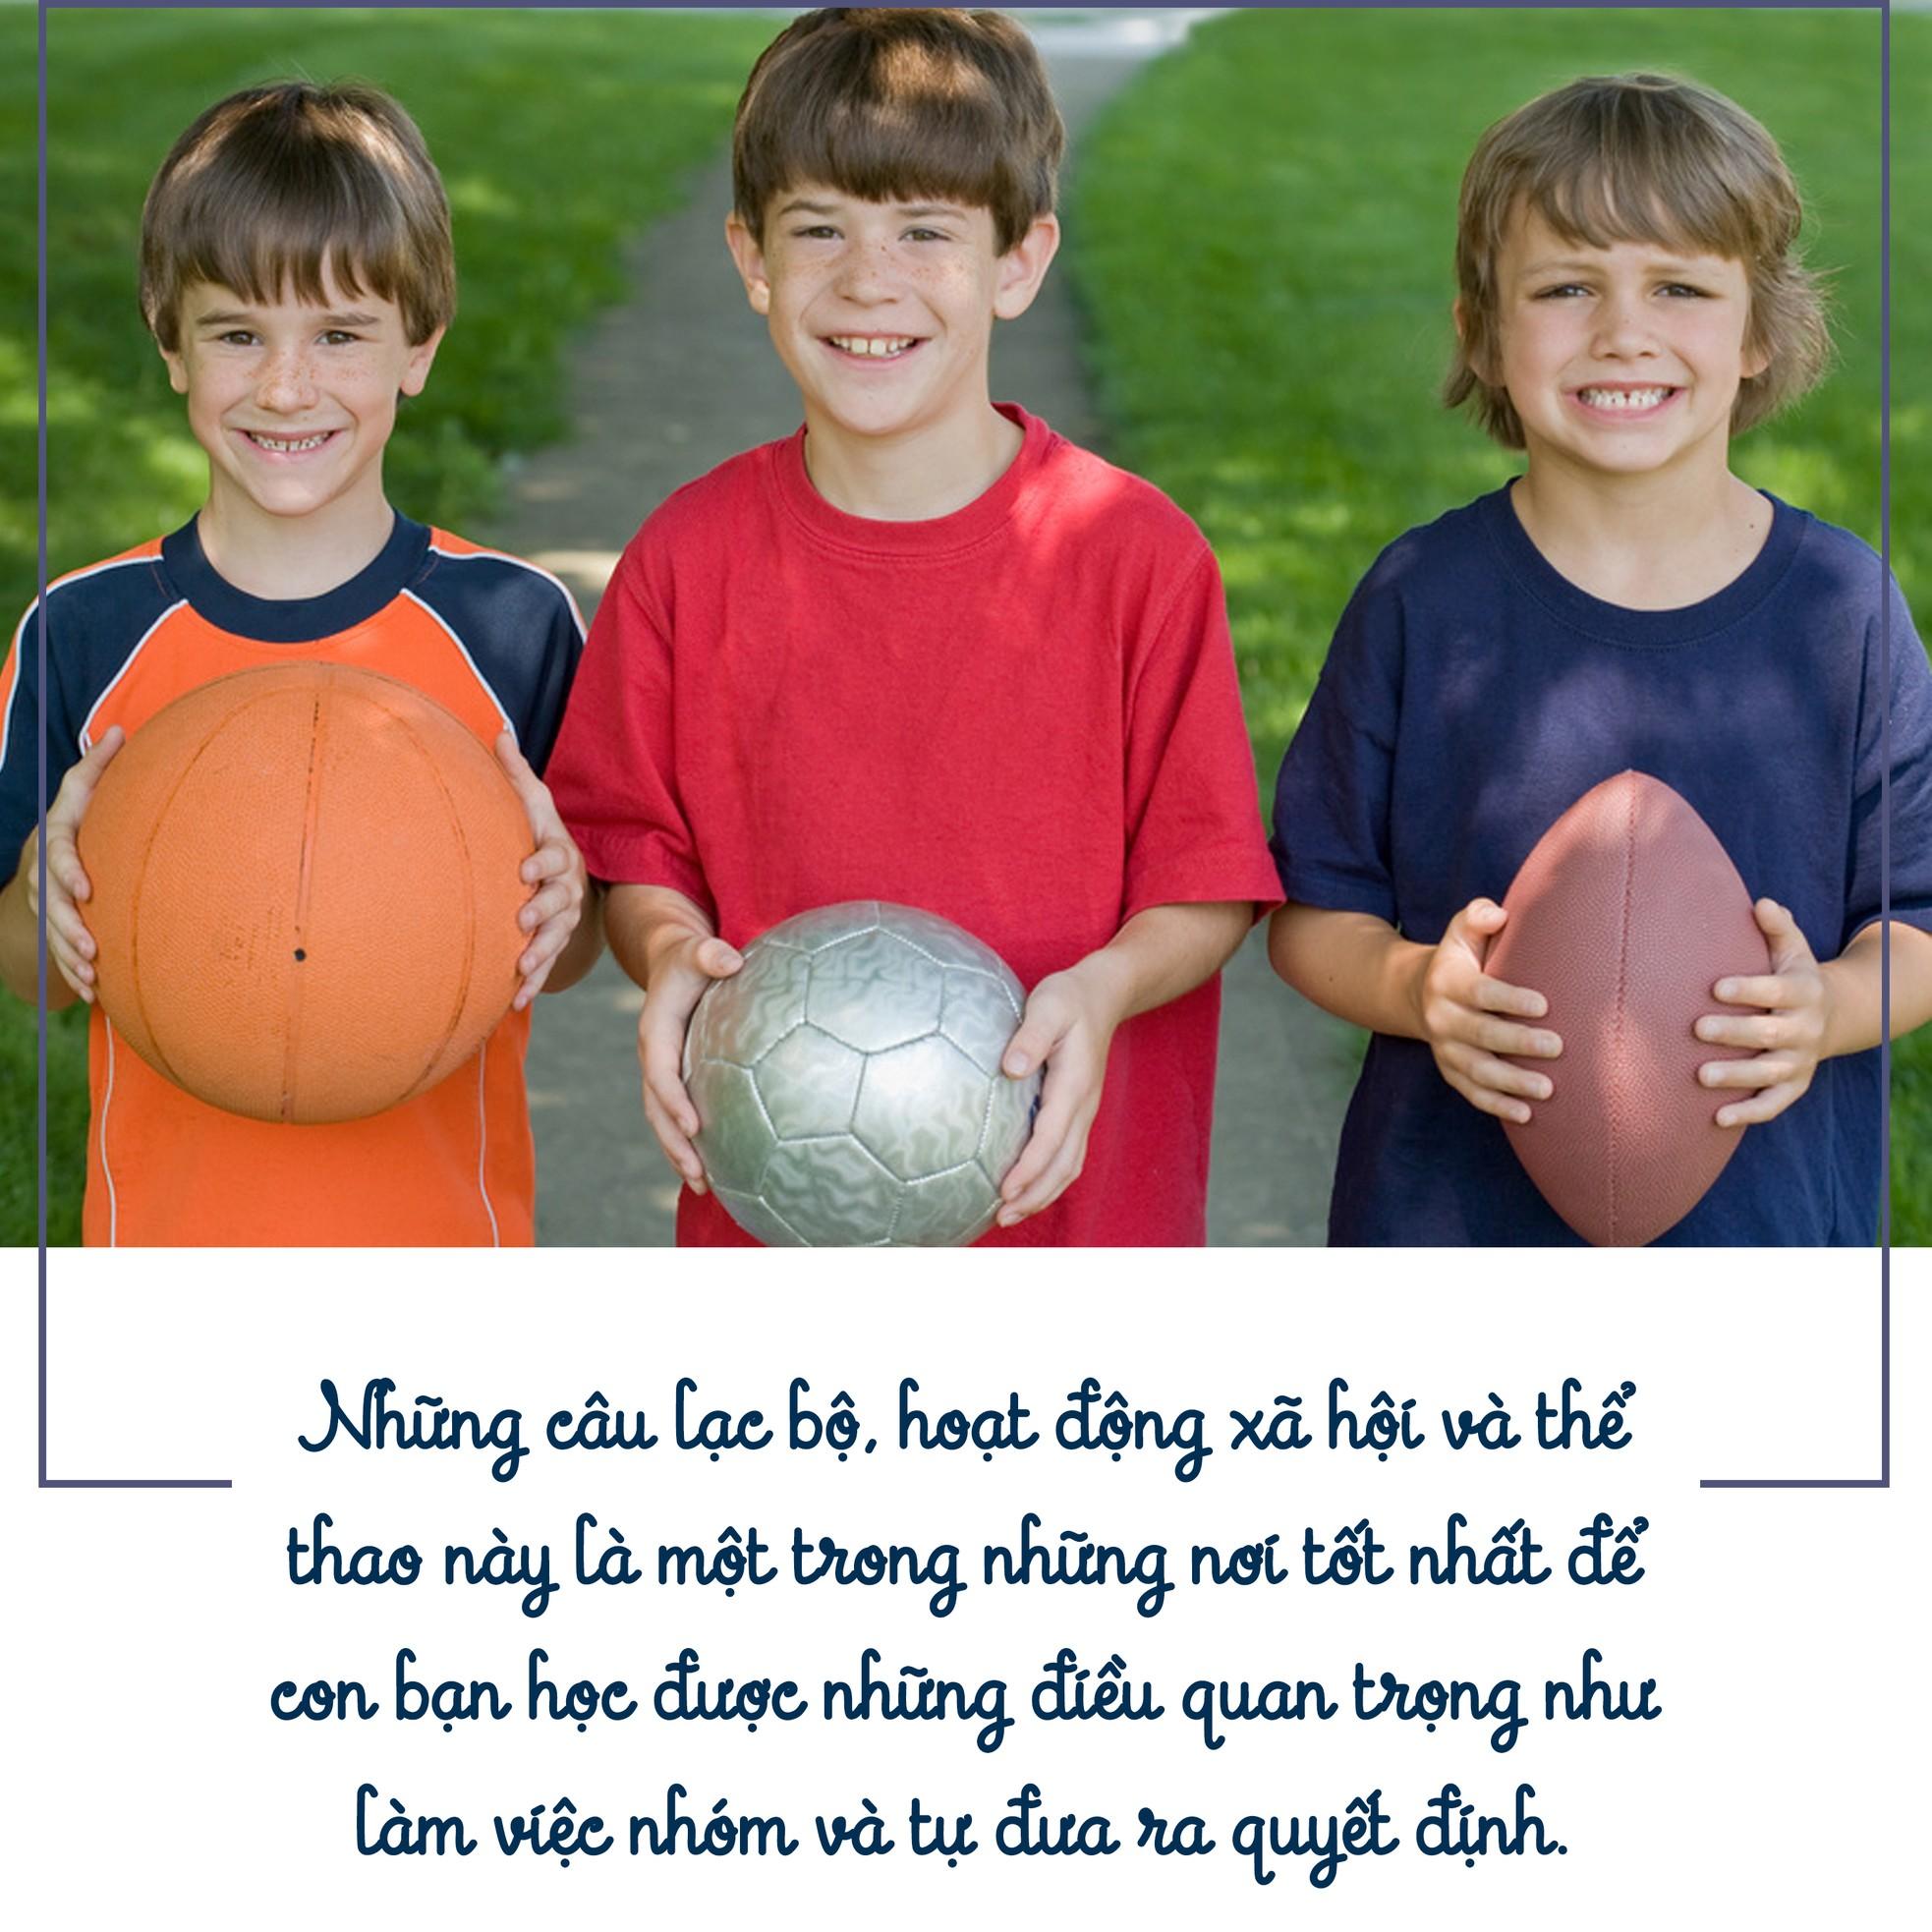 Tại sao các kỹ năng mềm quan trọng đối với trẻ? ảnh 1